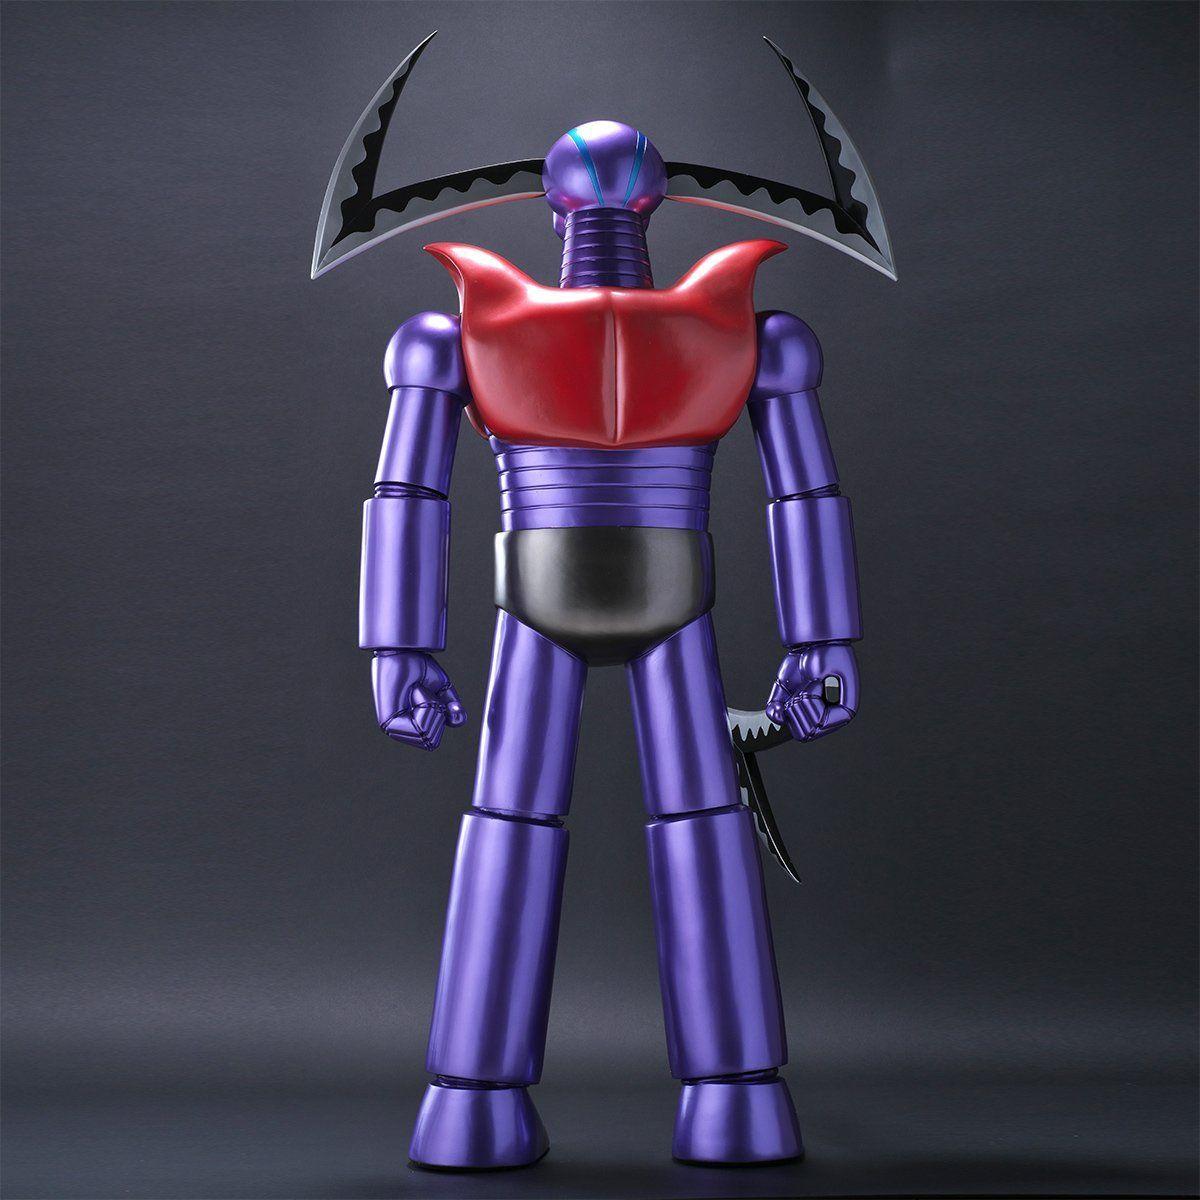 究極造形シリーズSP『ガラダK7 ジャイアントカッターVer. あしゅら男爵付き』マジンガーZ ソフビ・フィギュア-005